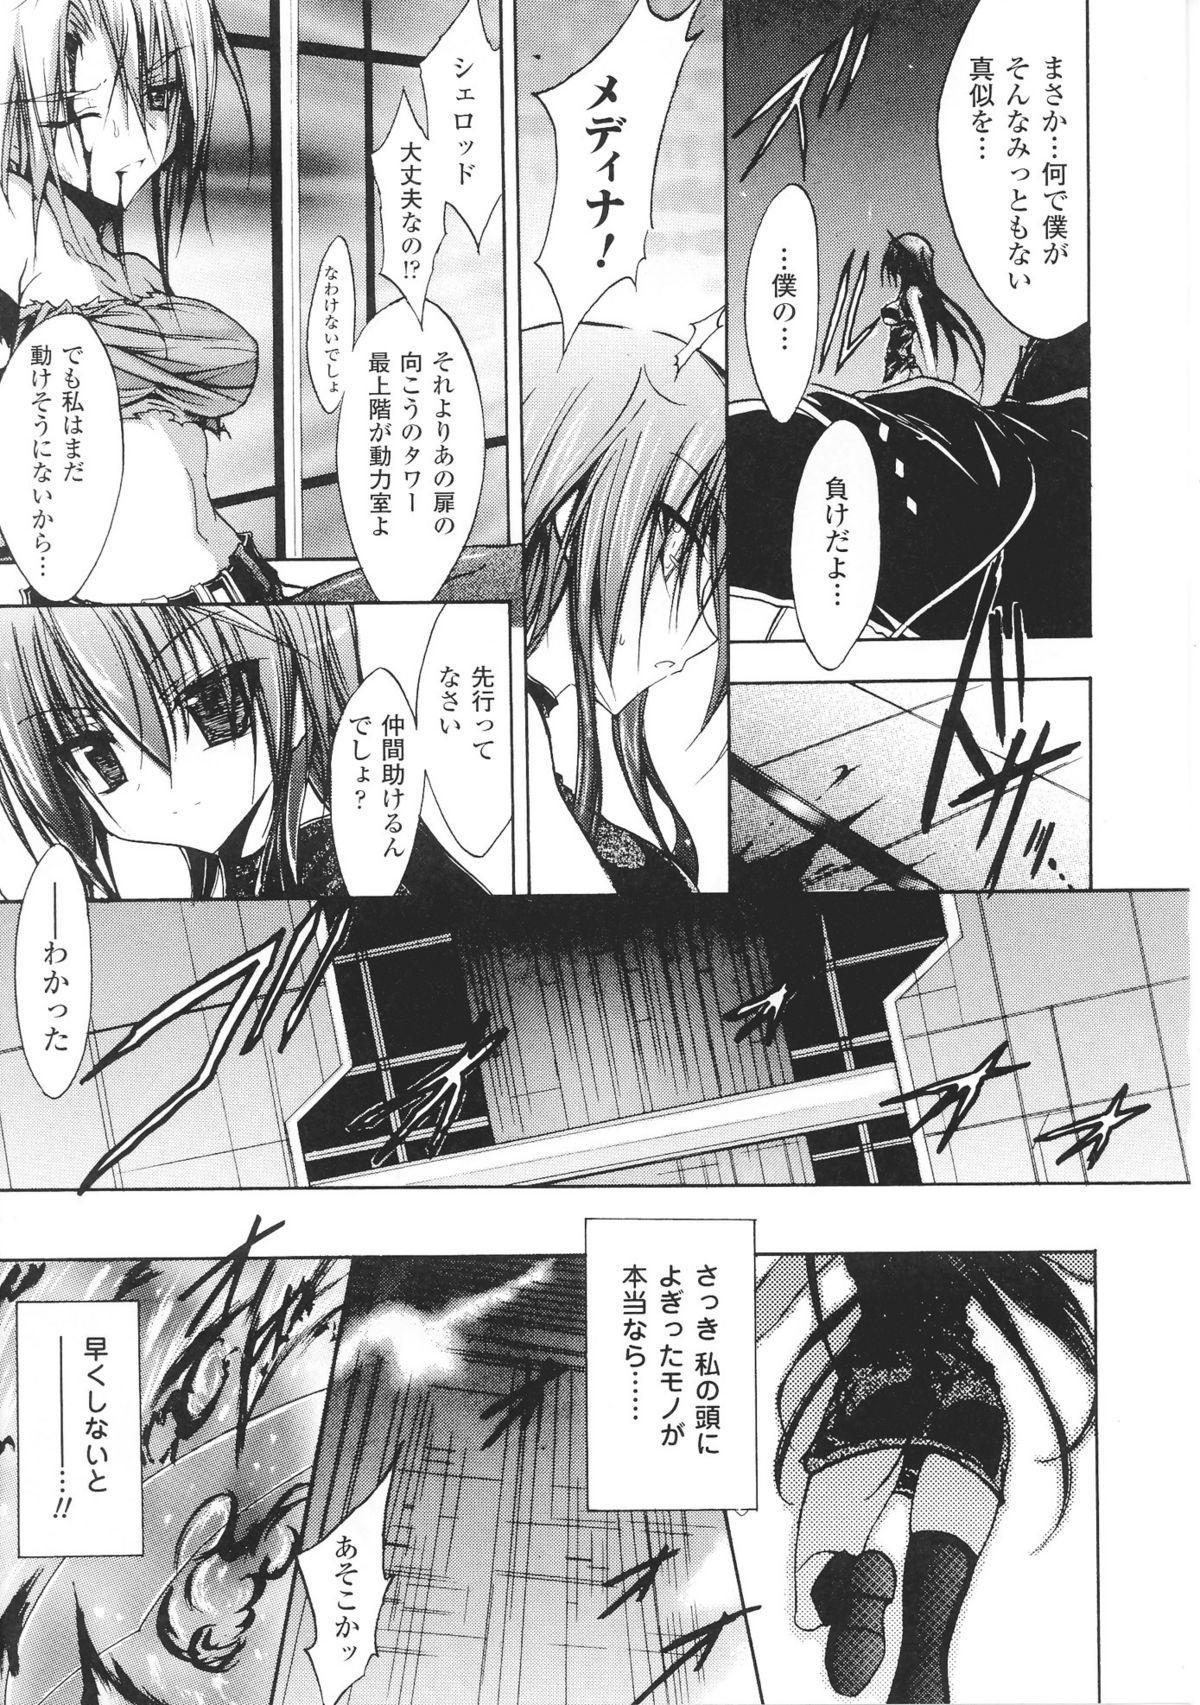 Toushin Engi Vol. 5 160